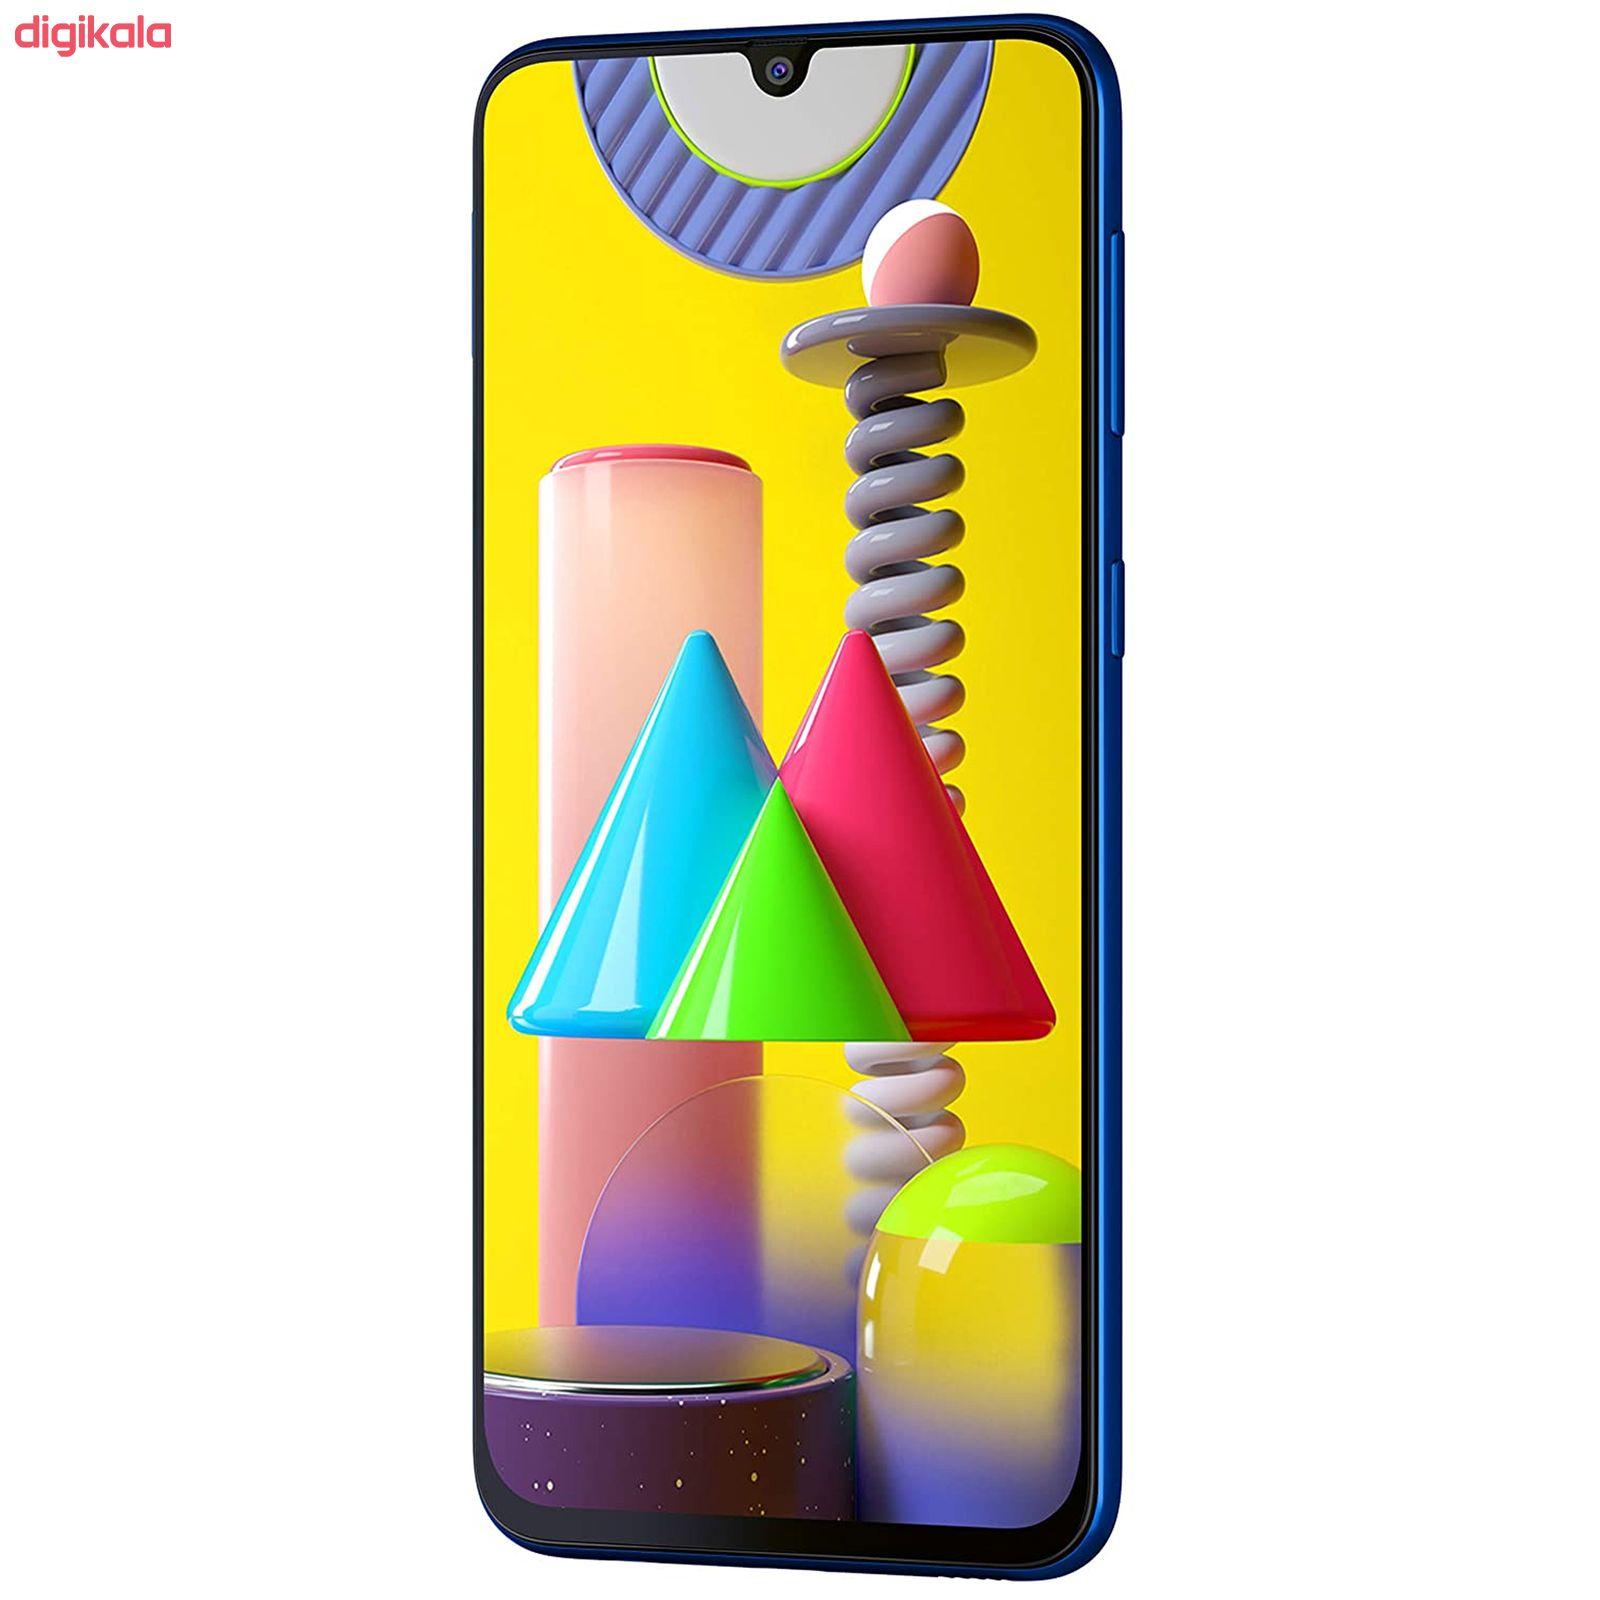 گوشی موبایل سامسونگ مدل Galaxy M31 SM-M315F/DSN دو سیم کارت ظرفیت 128گیگابایت  main 1 7